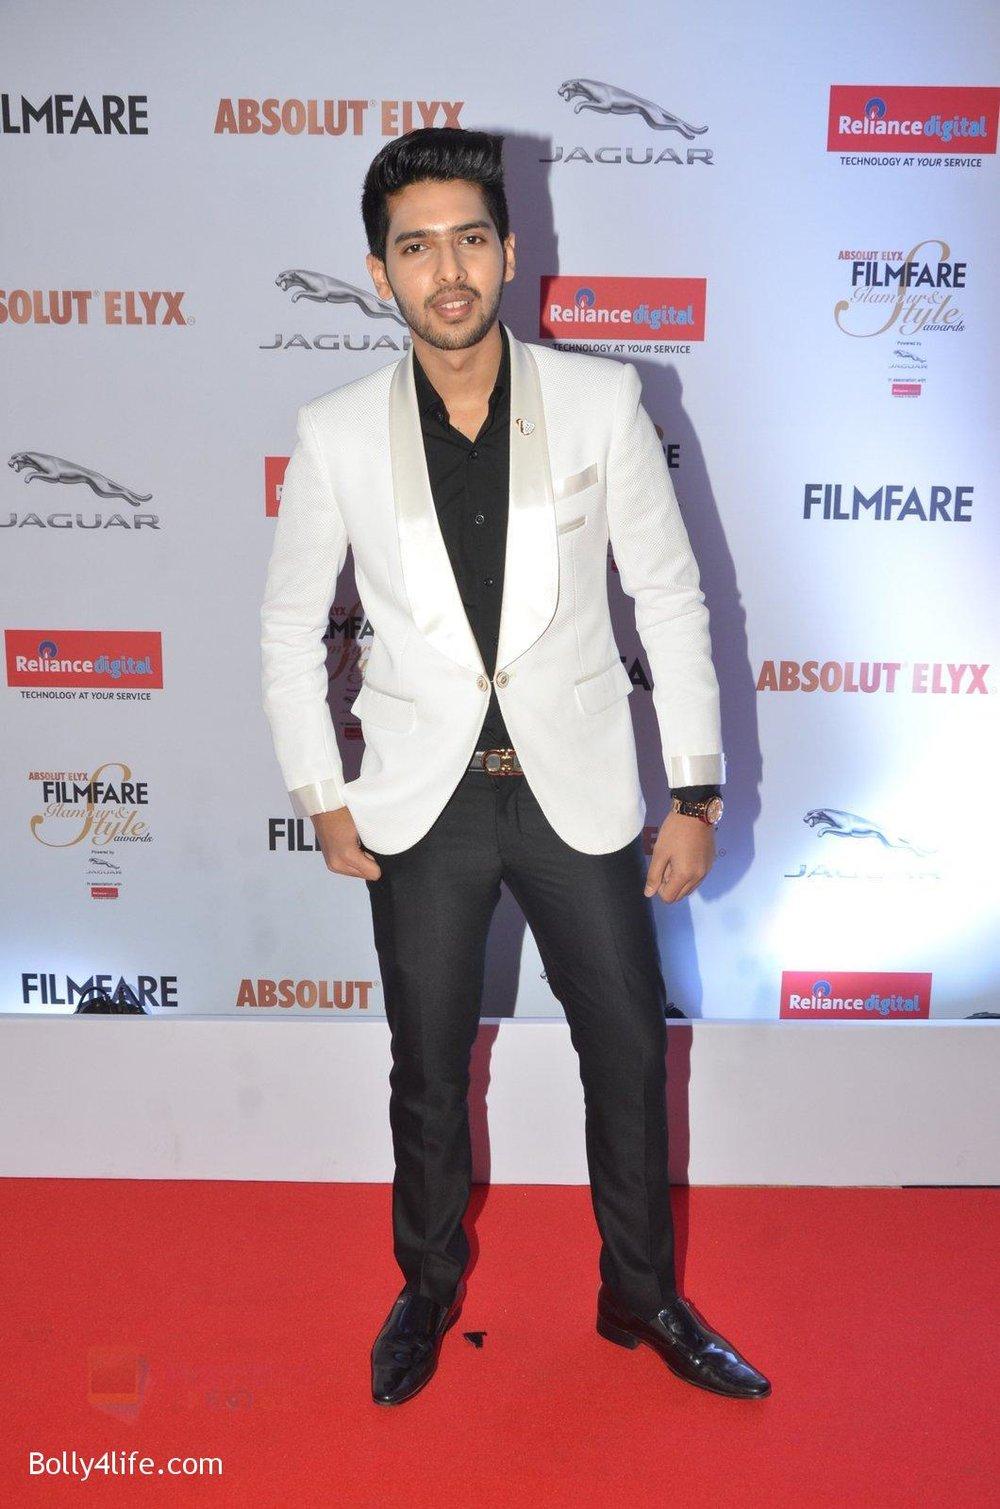 Armaan-Malik-at-Filmfare-Glamour-Style-Awards-2016-in-Mumbai-on-15th-Oct-2016-1409.jpg